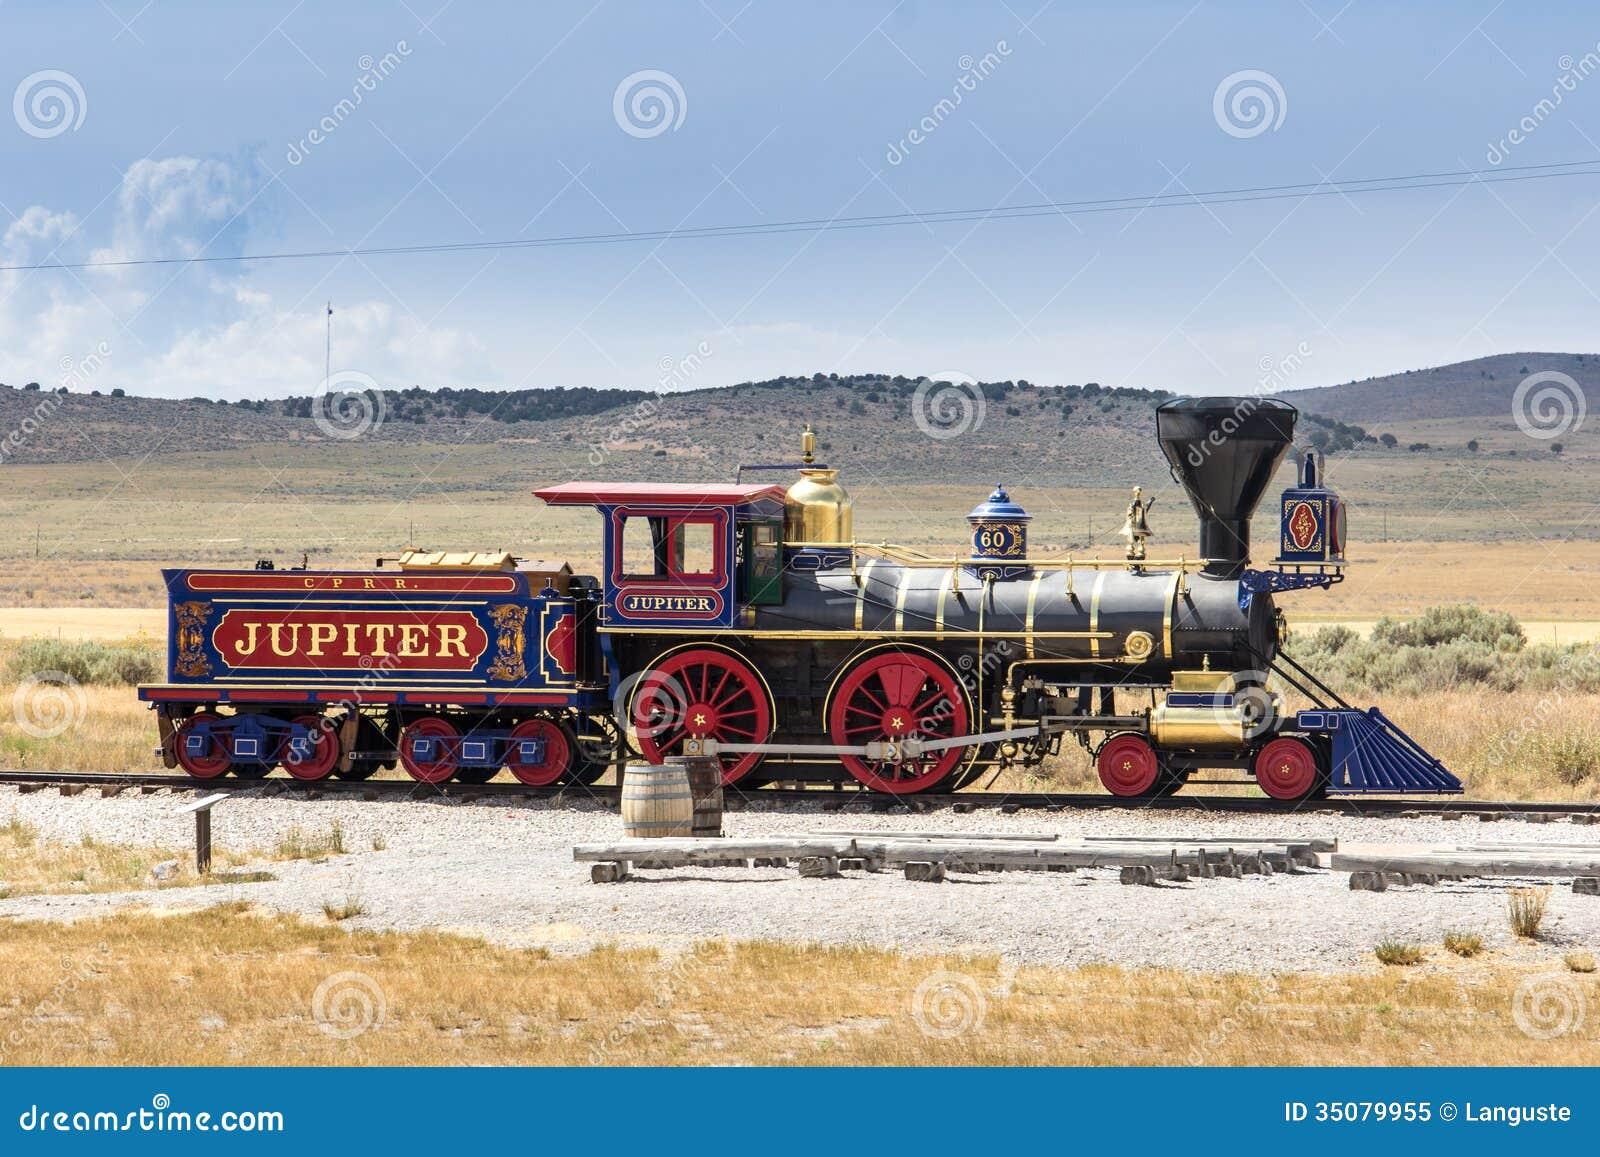 frq transcontinental railroad